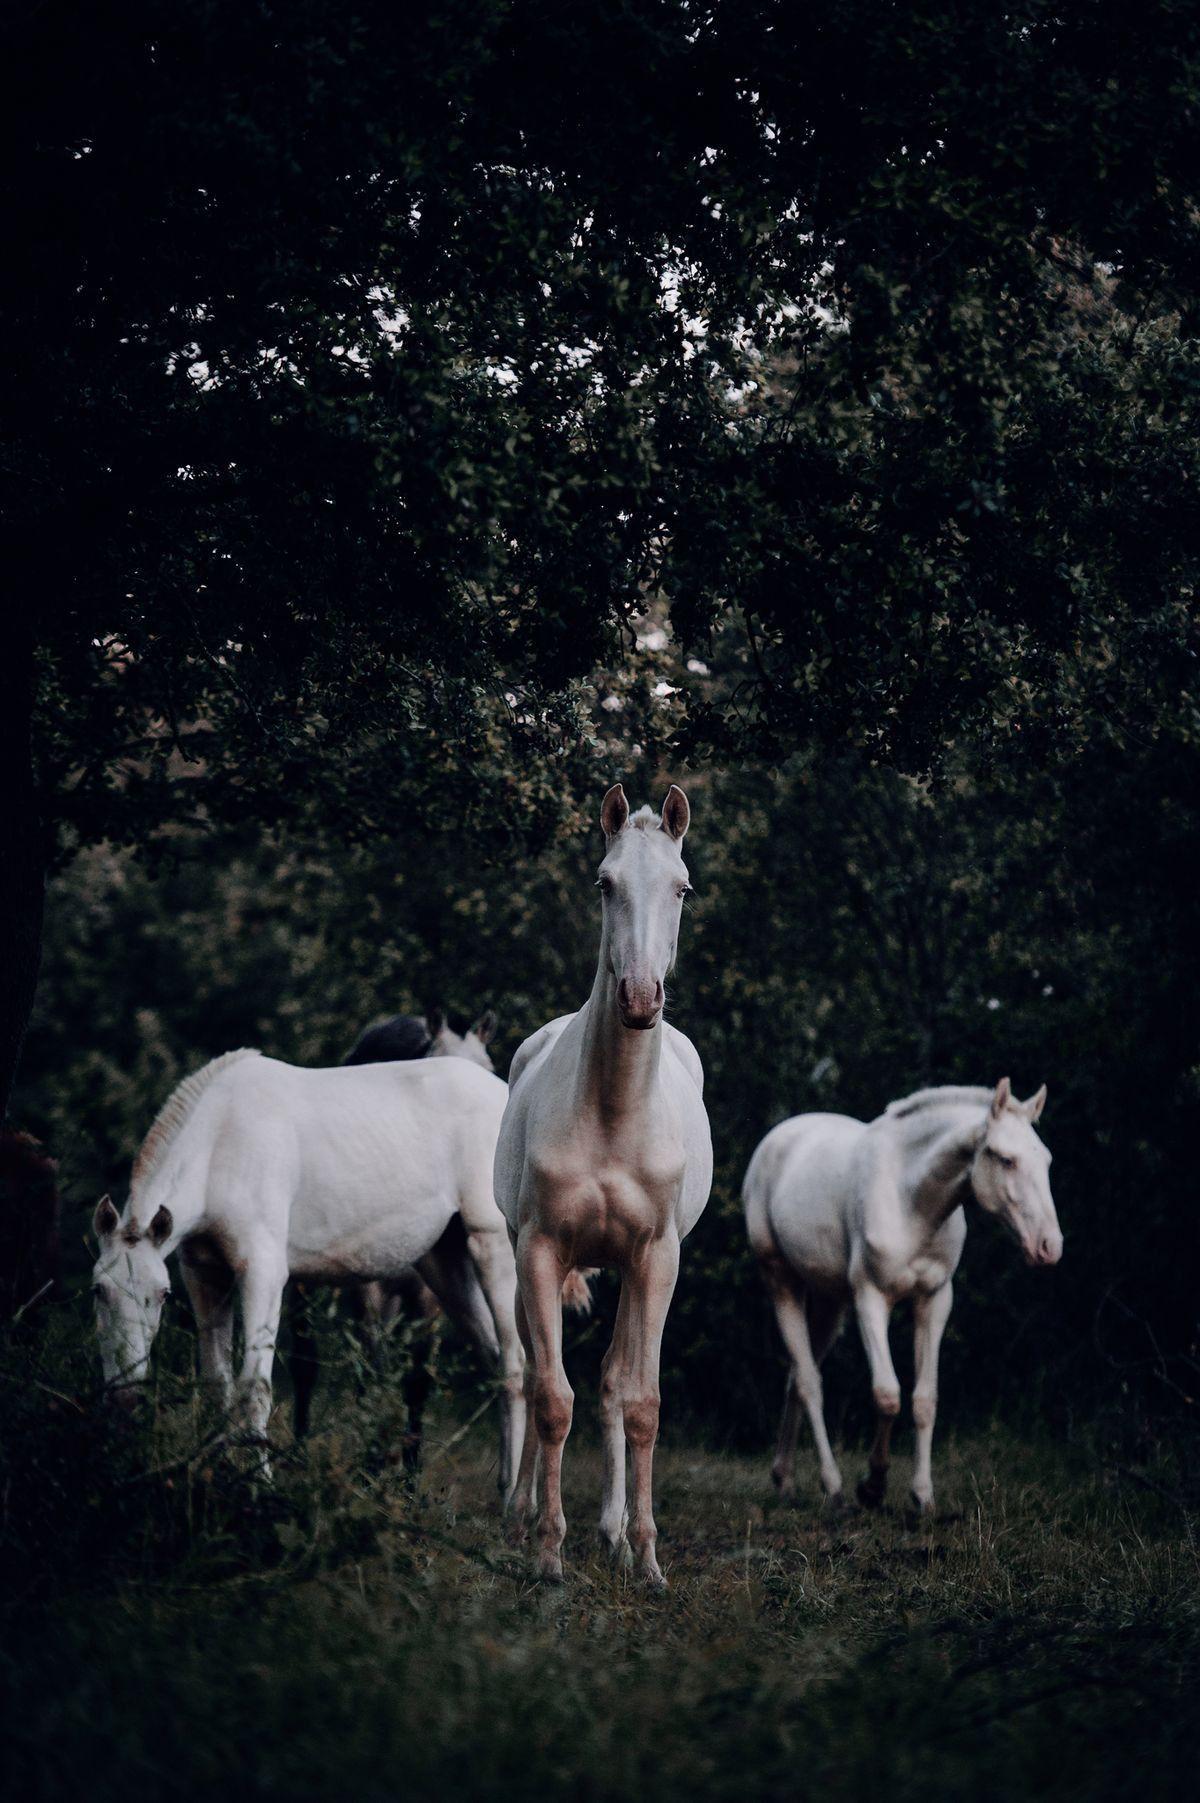 Pin Von Chiara Schwarzbock Auf Pferde In 2020 Schone Pferde Pferde Hubsche Pferde